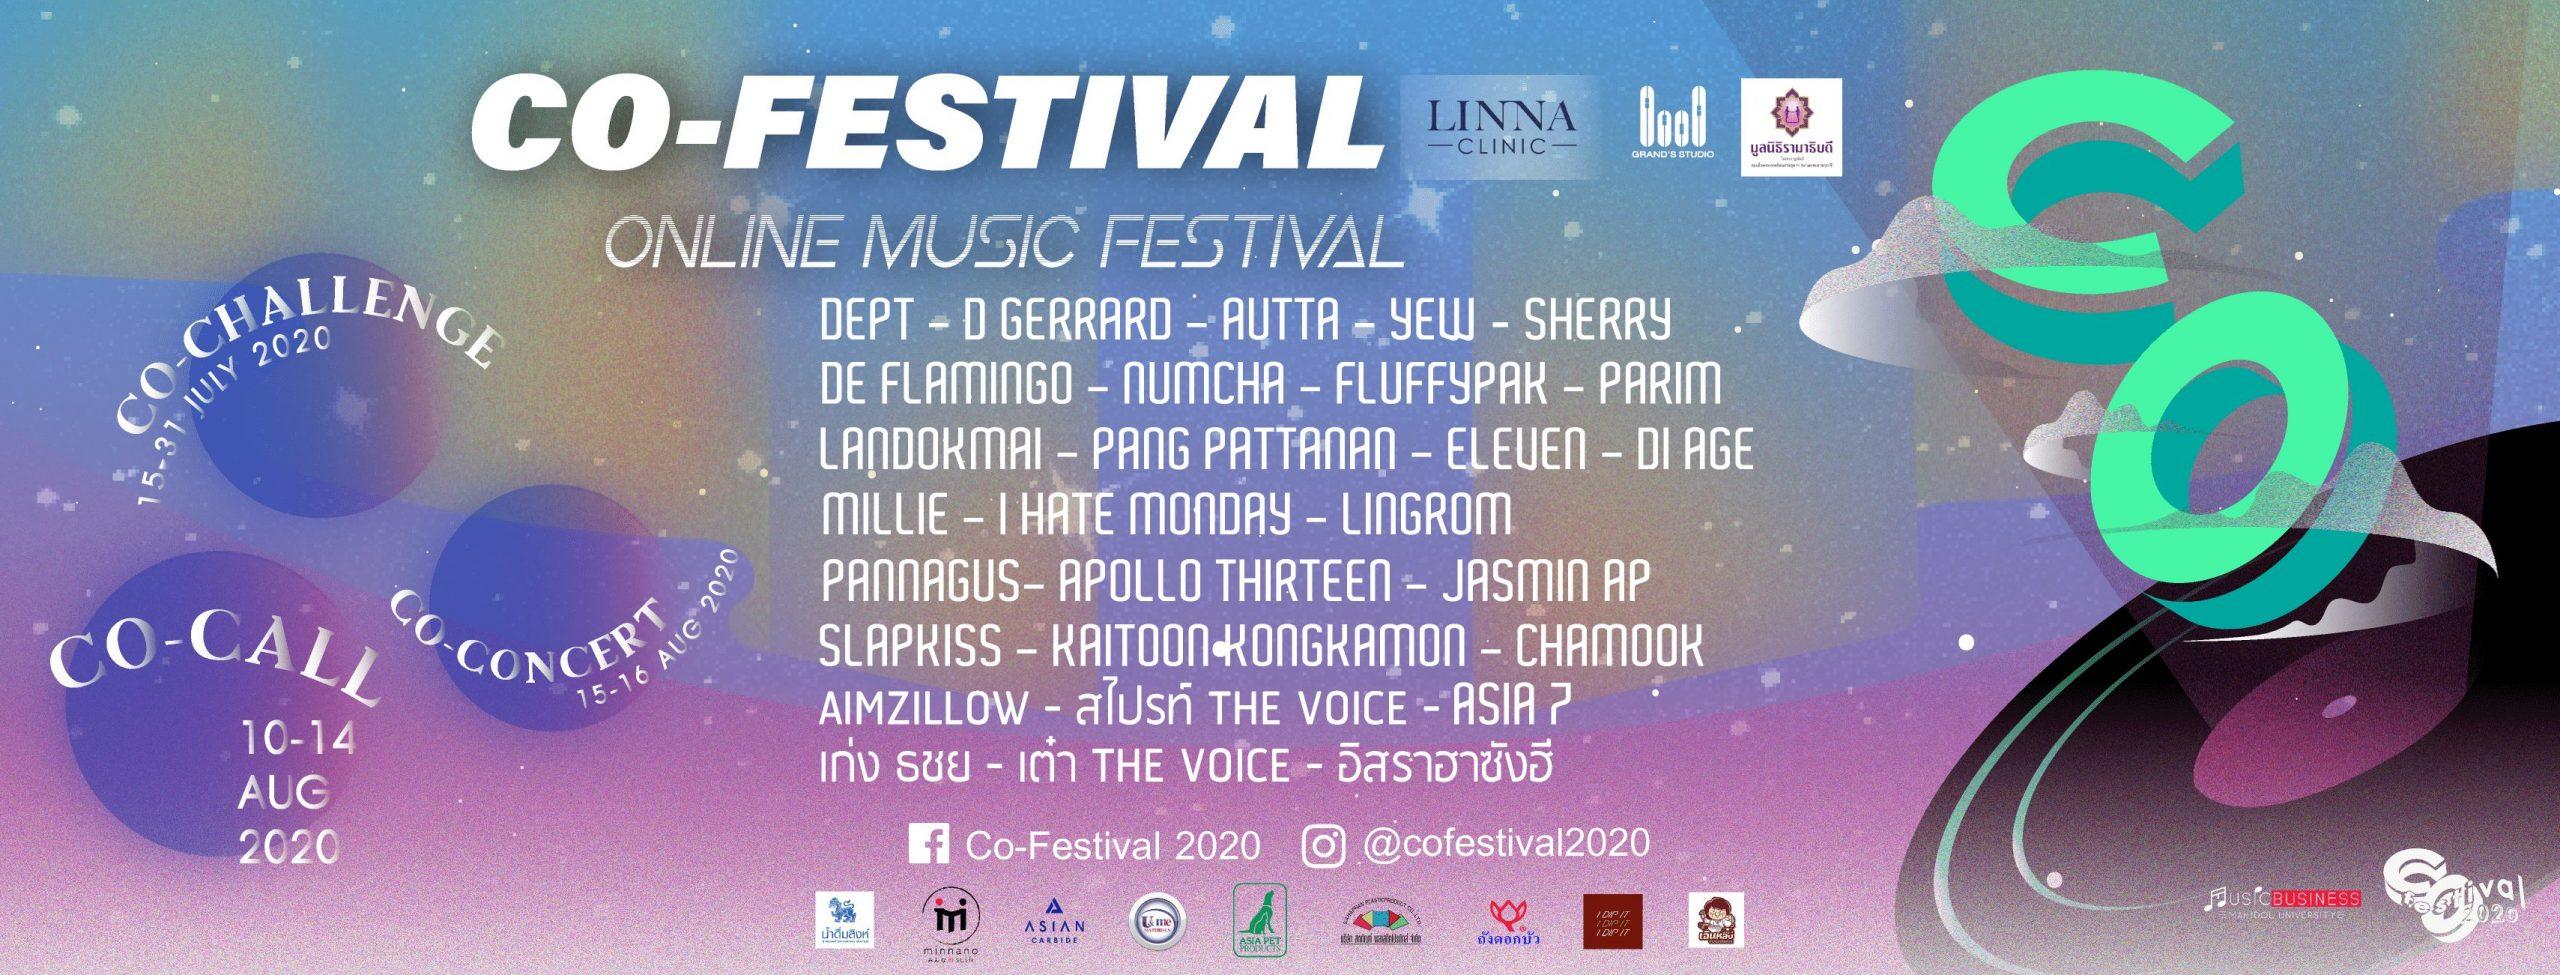 cofestival2020 มหาวิทยาลัยมหิดล เทศกาลดนตรีออนไลน์